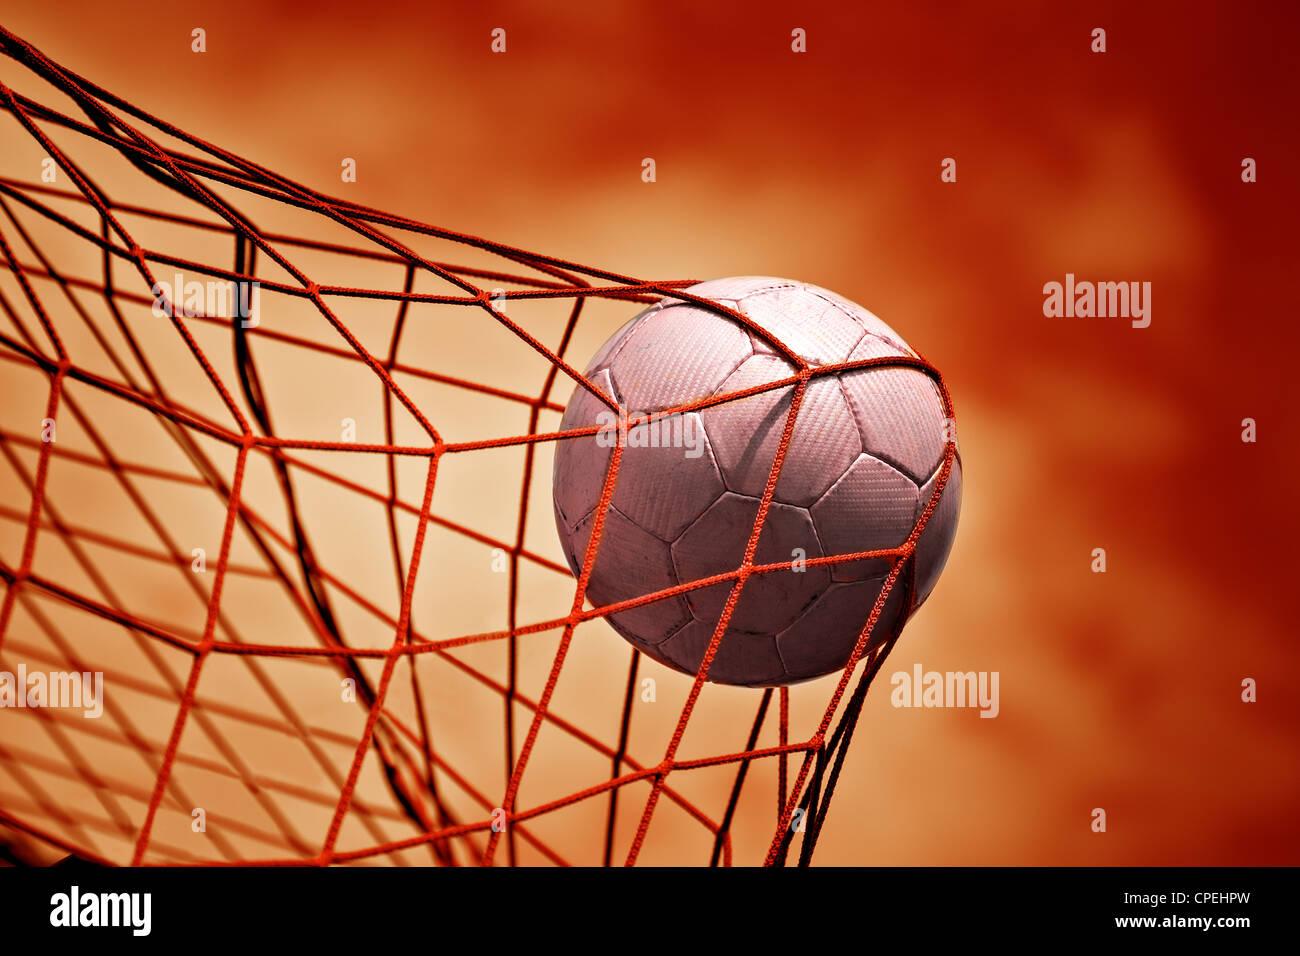 Immagine simbolica per obiettivo con un pallone da calcio in net Immagini Stock